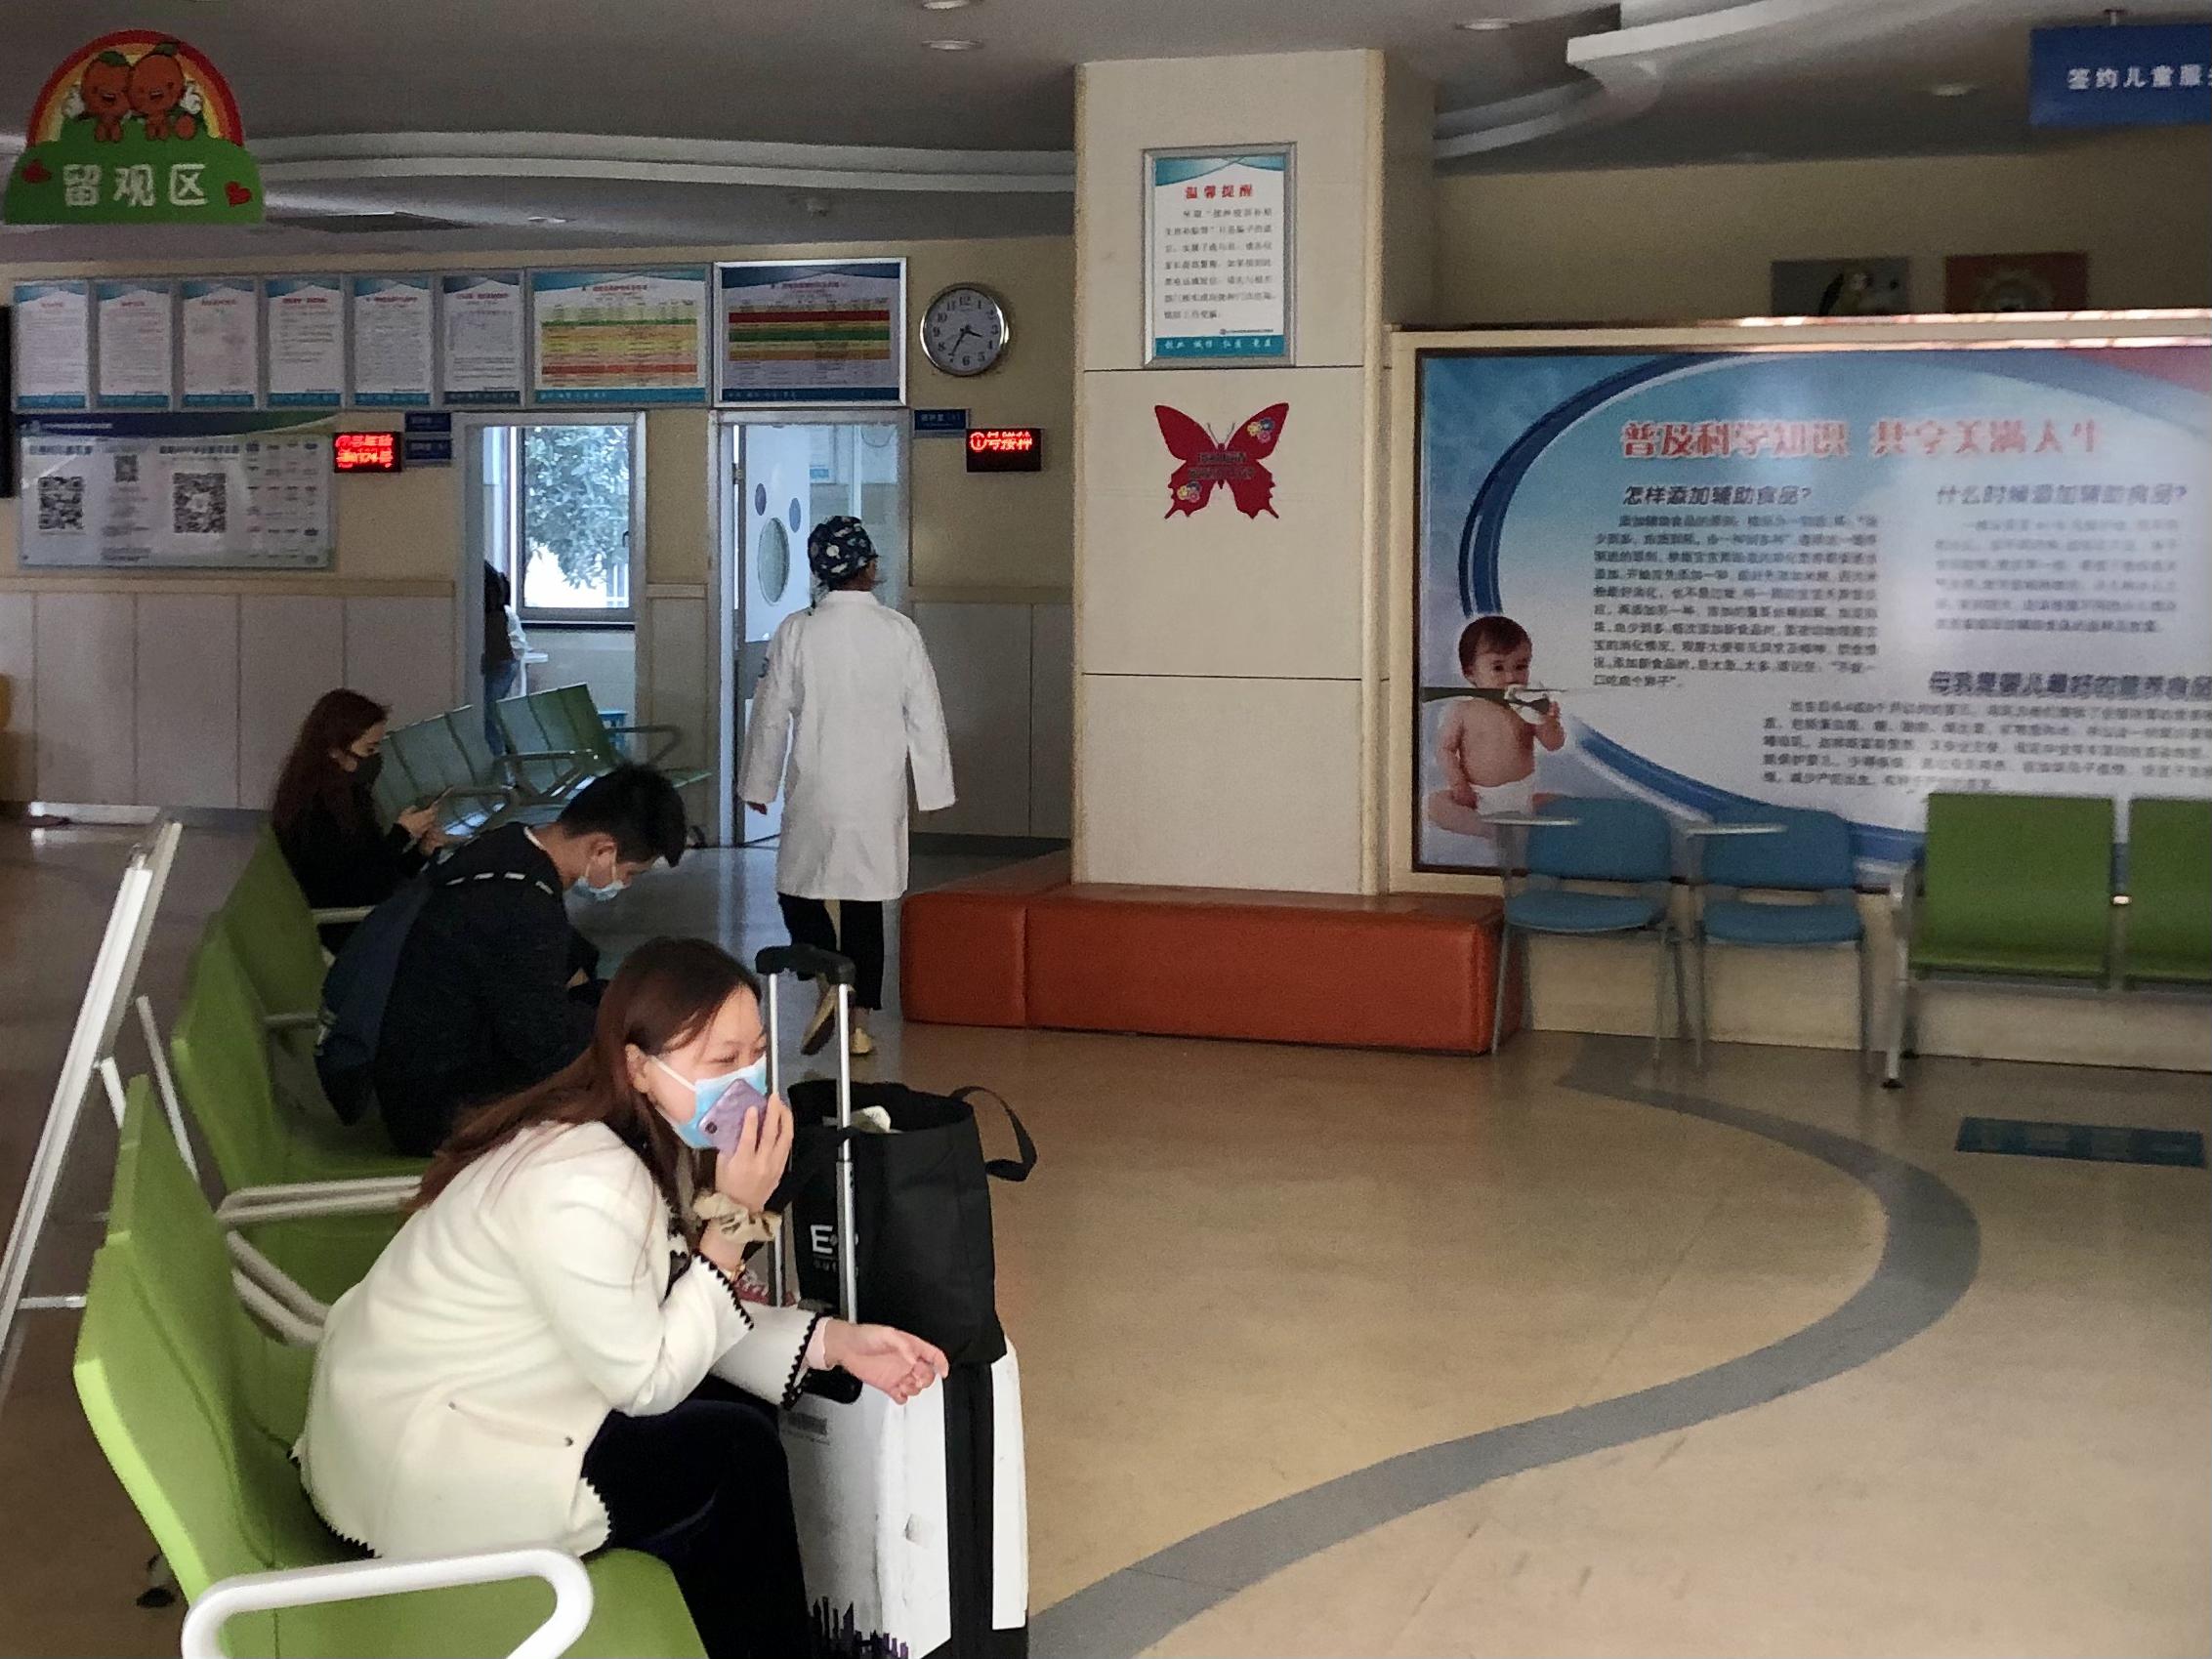 打完疫苗留在现场观察的接种者